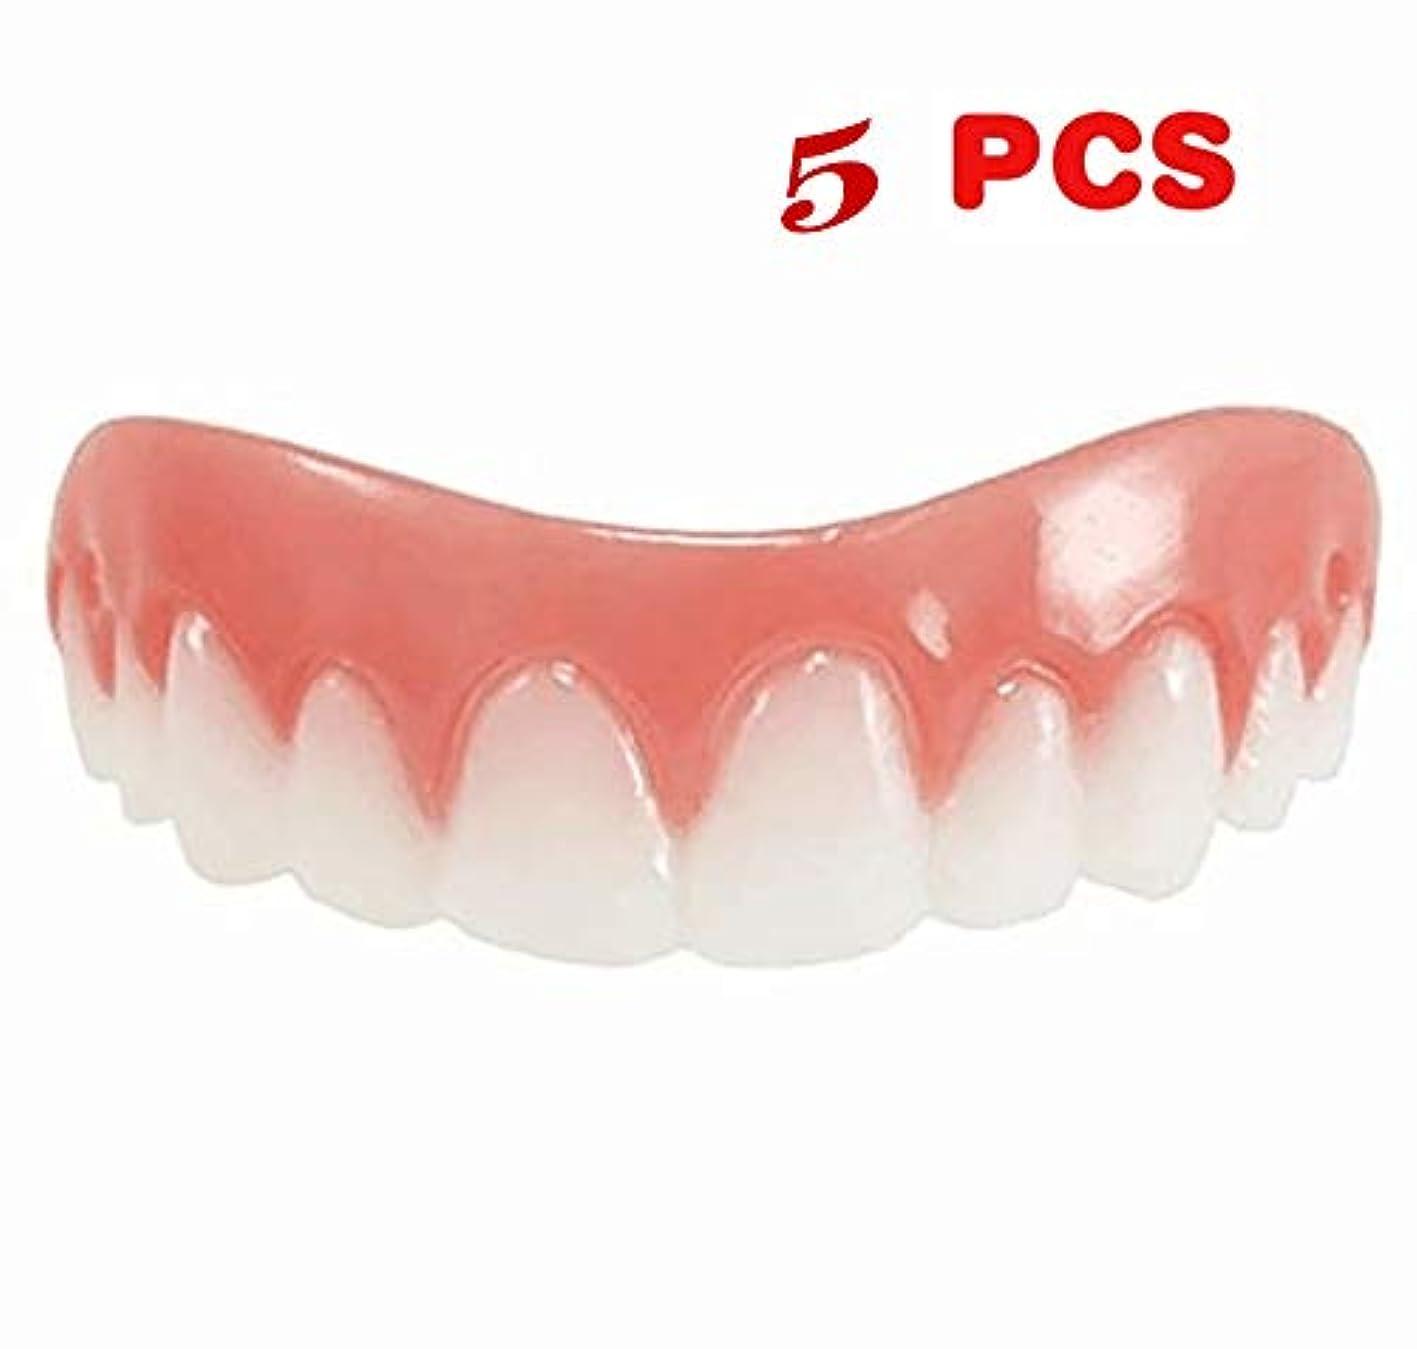 アンペア必要としているカウンターパート5ピース新しい再利用可能な大人のスナップオンパーフェクトスマイルホワイトニング義歯フィットフレックス化粧品歯快適な突き板カバーデンタルケアアクセサリー